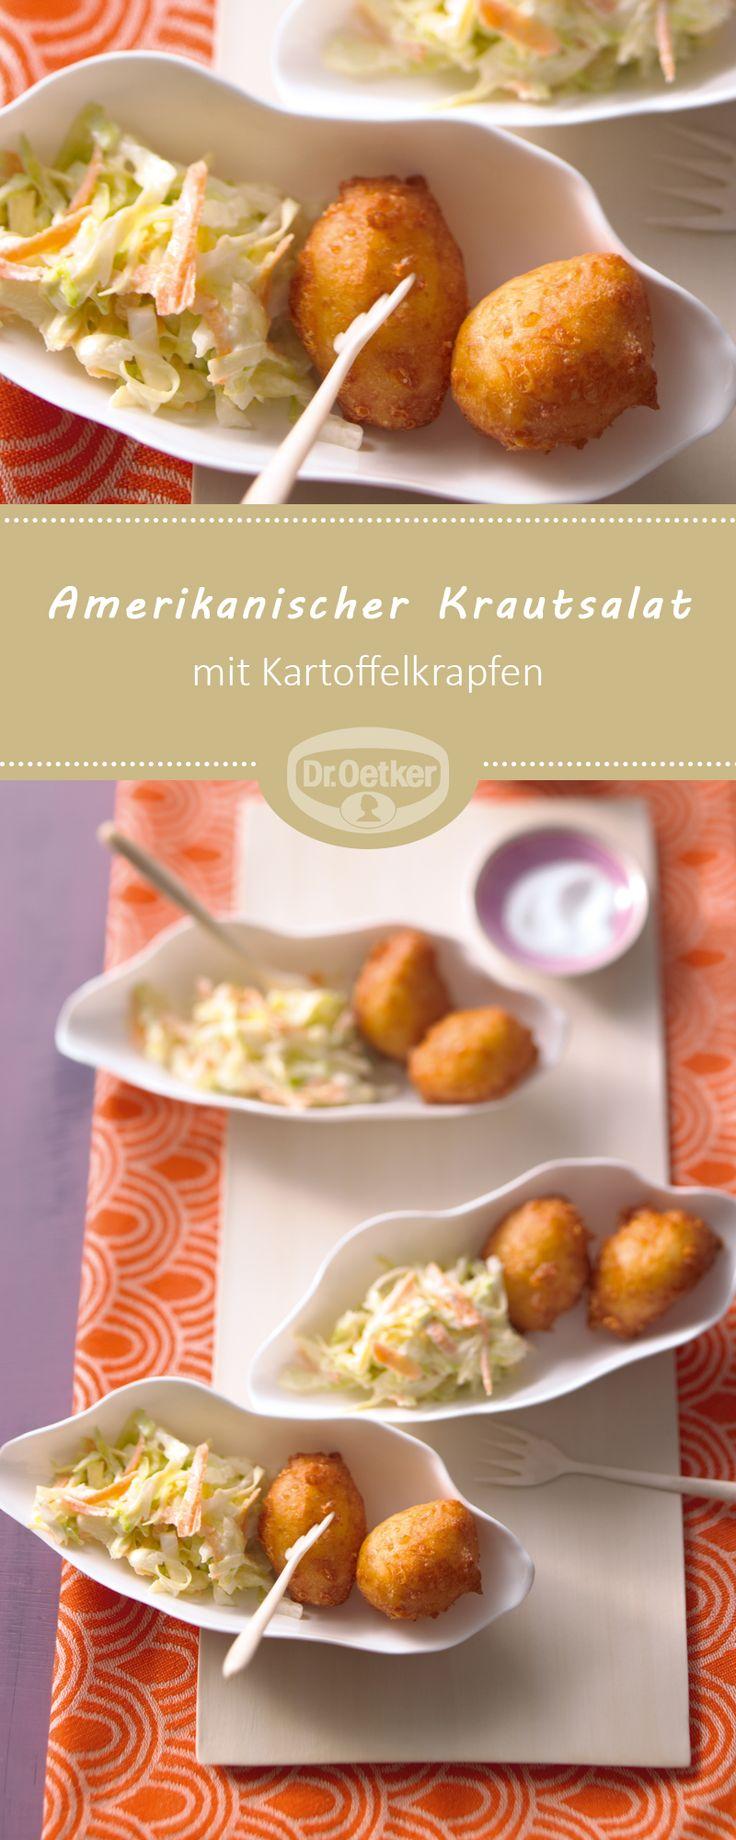 Kartoffelkrapfen mit amerikanischem Krautsalat (Coleslaw): Pikante Kartoffelkrapfen mit Krautsalat aus Spitzkohl als Snack